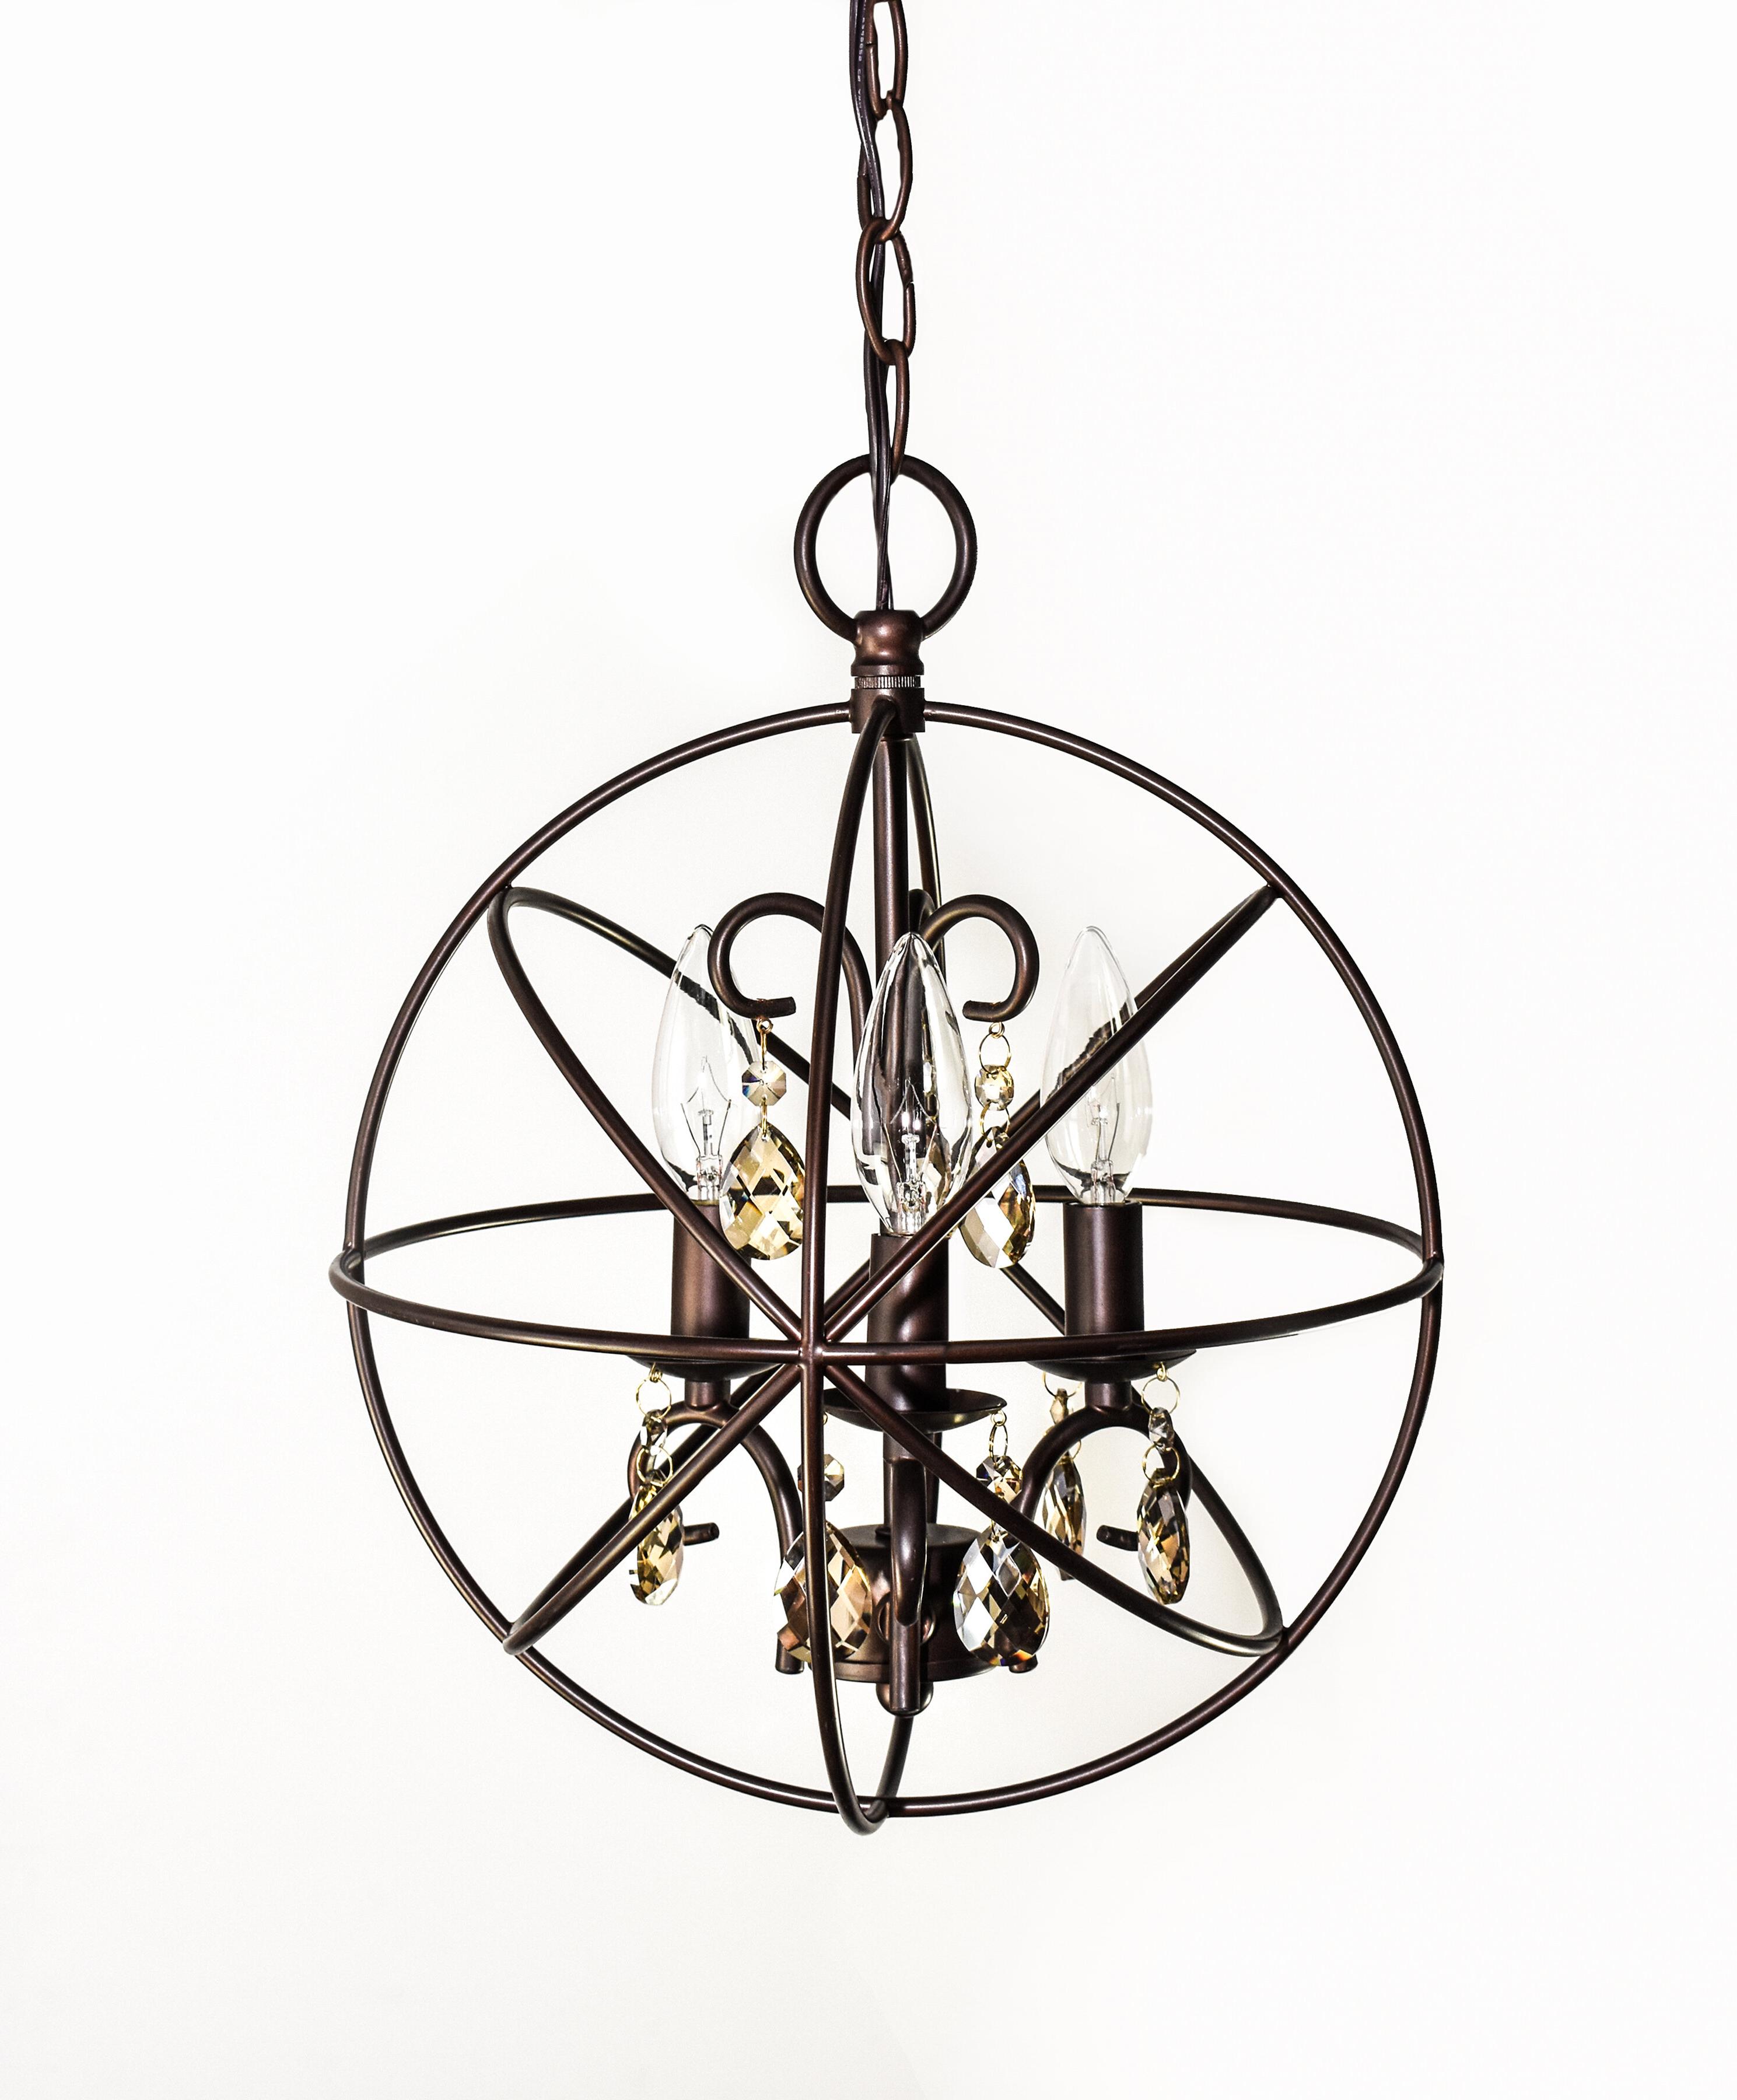 2020 Alden 3 Light Globe Pendant Throughout Alden 3 Light Single Globe Pendants (Gallery 2 of 20)